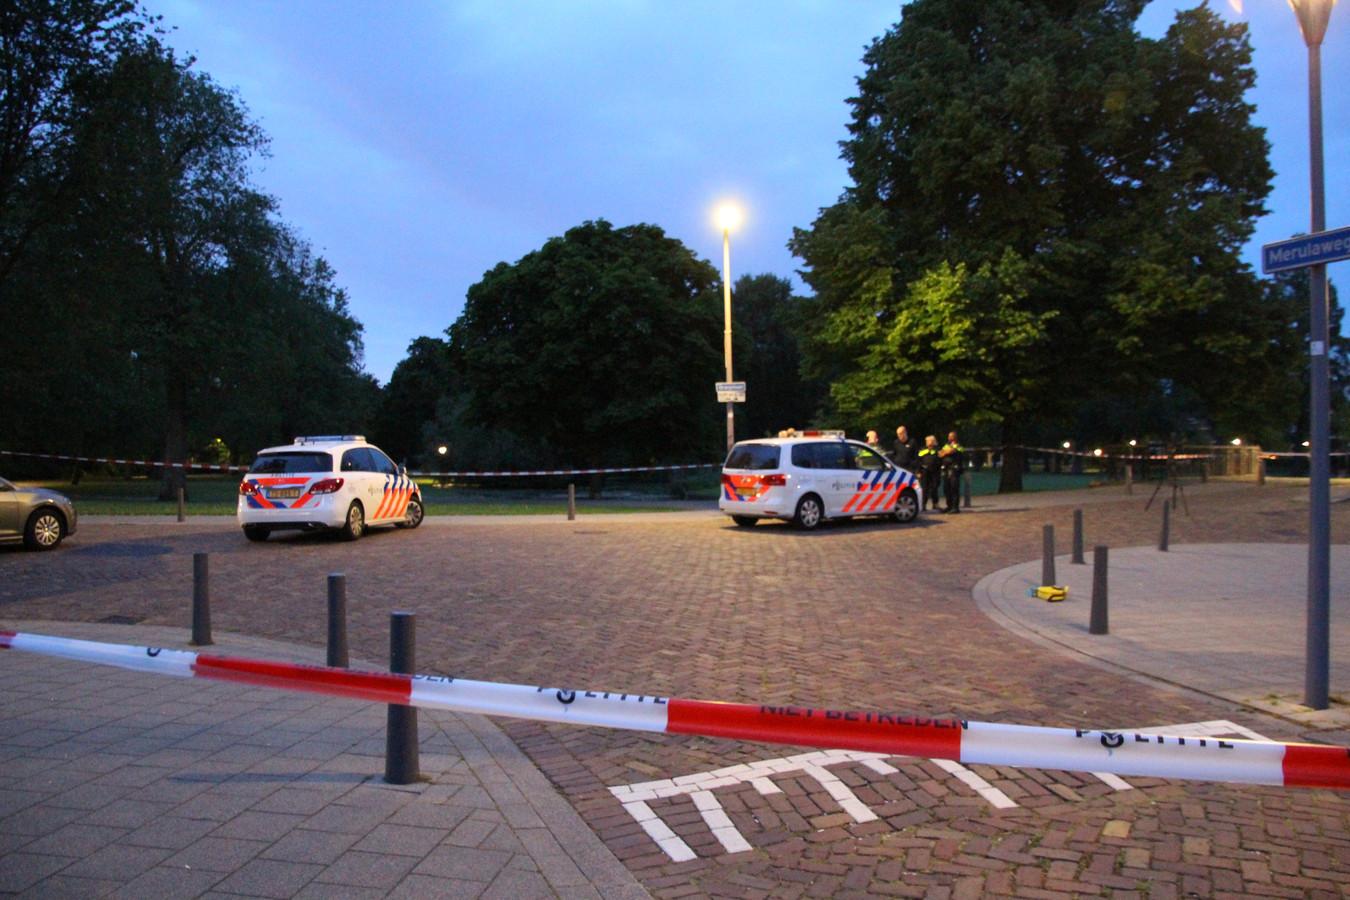 De politie doet onderzoek na de schietpartij aan de Waldeck-Pyrmontlaan.